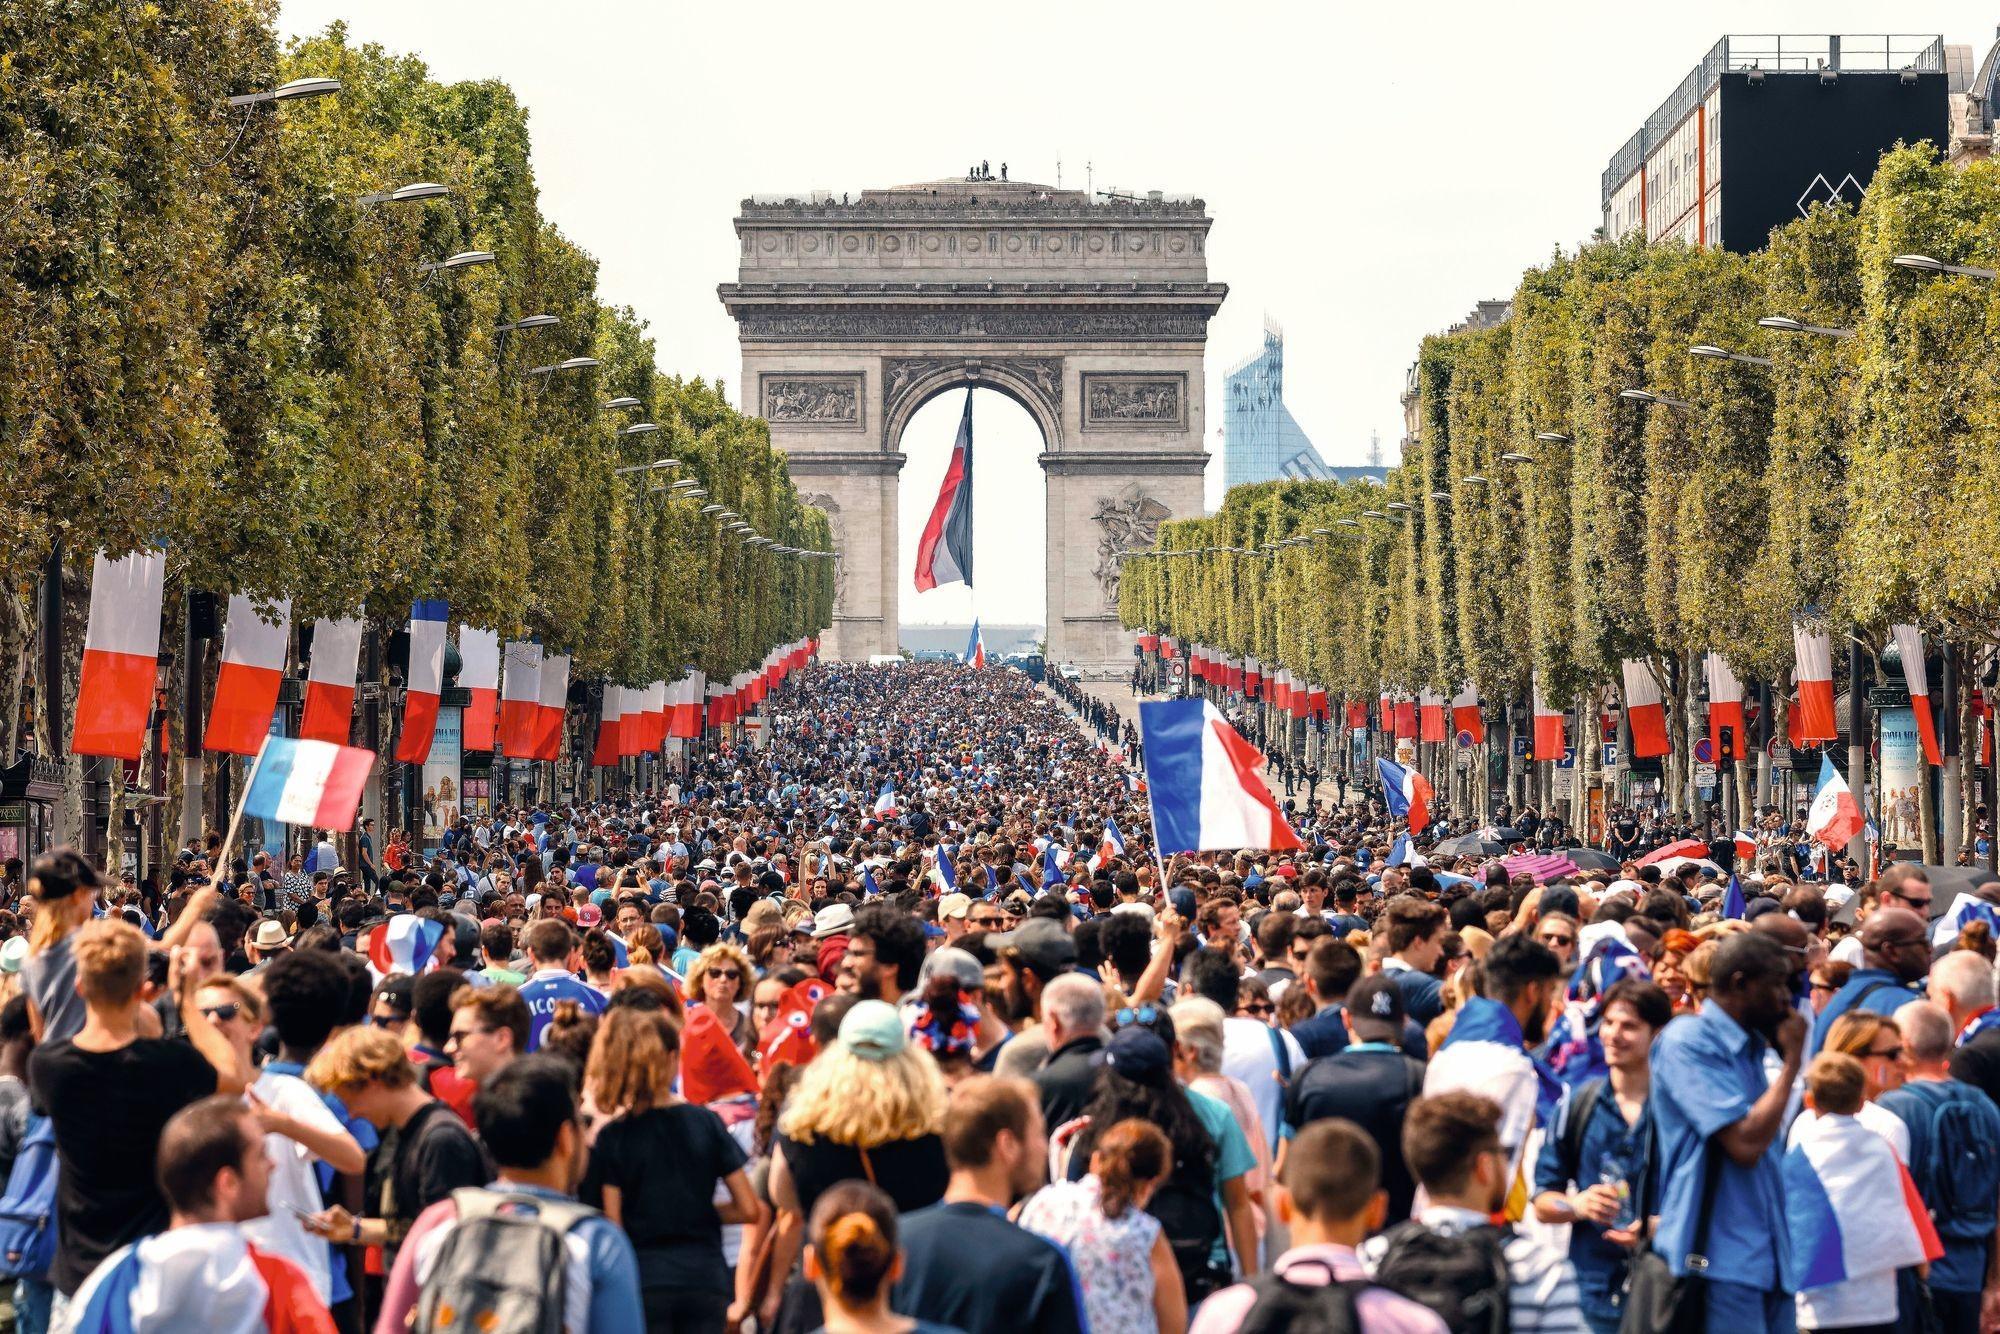 Les Champs-Élysées après la victoire de l'équipe de France en fi nale de la coupe du monde de football, juillet 2018.